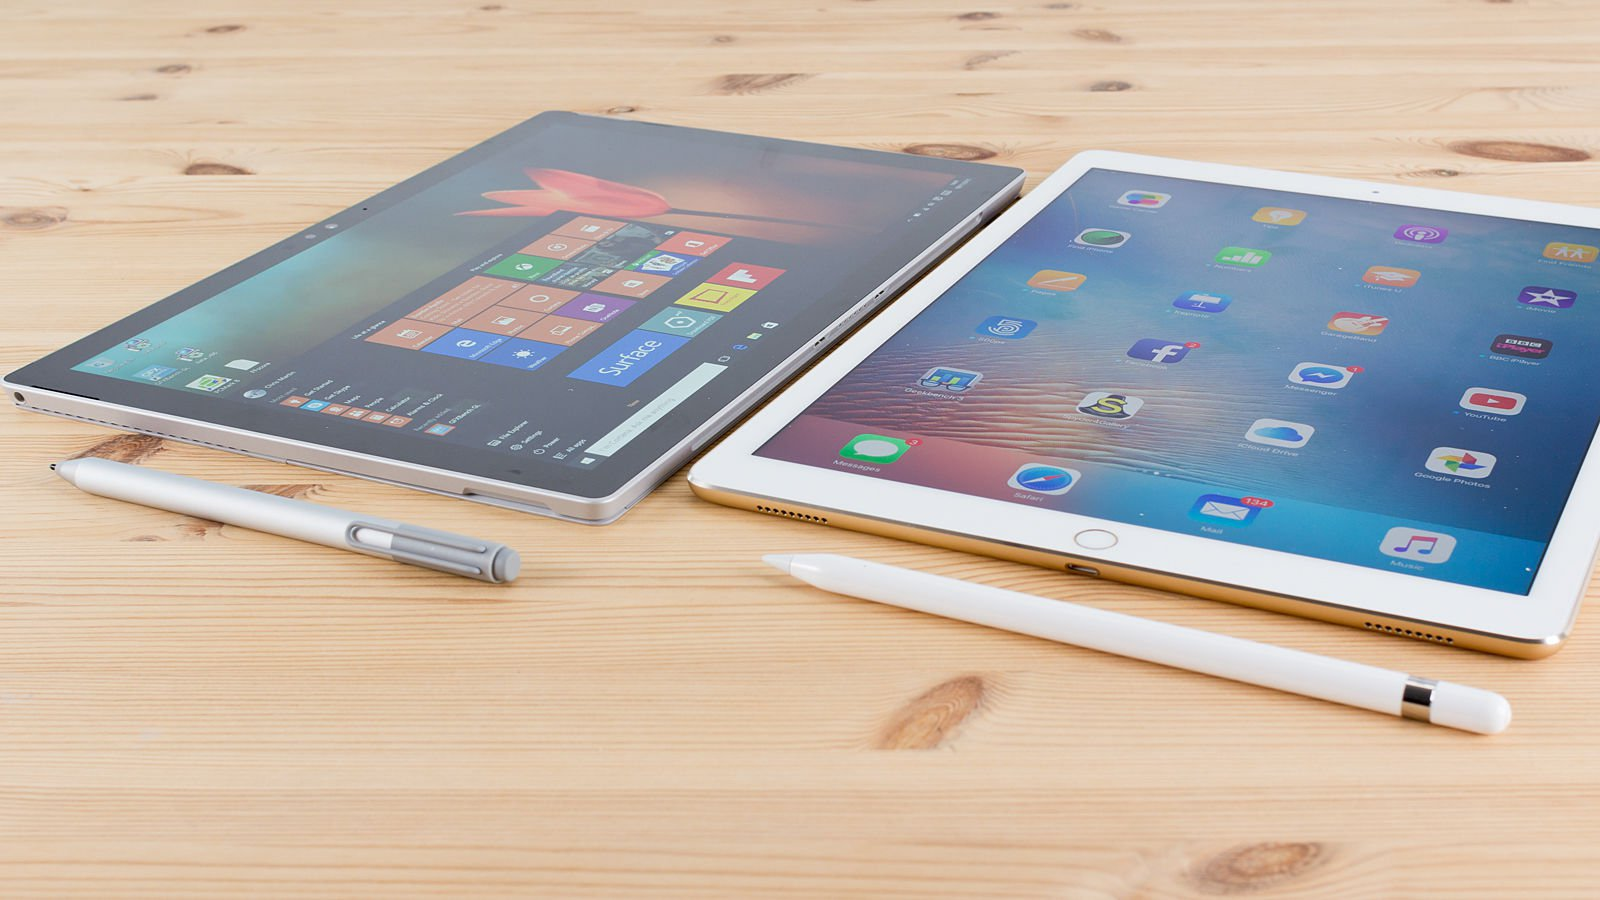 Surface vs. iPad